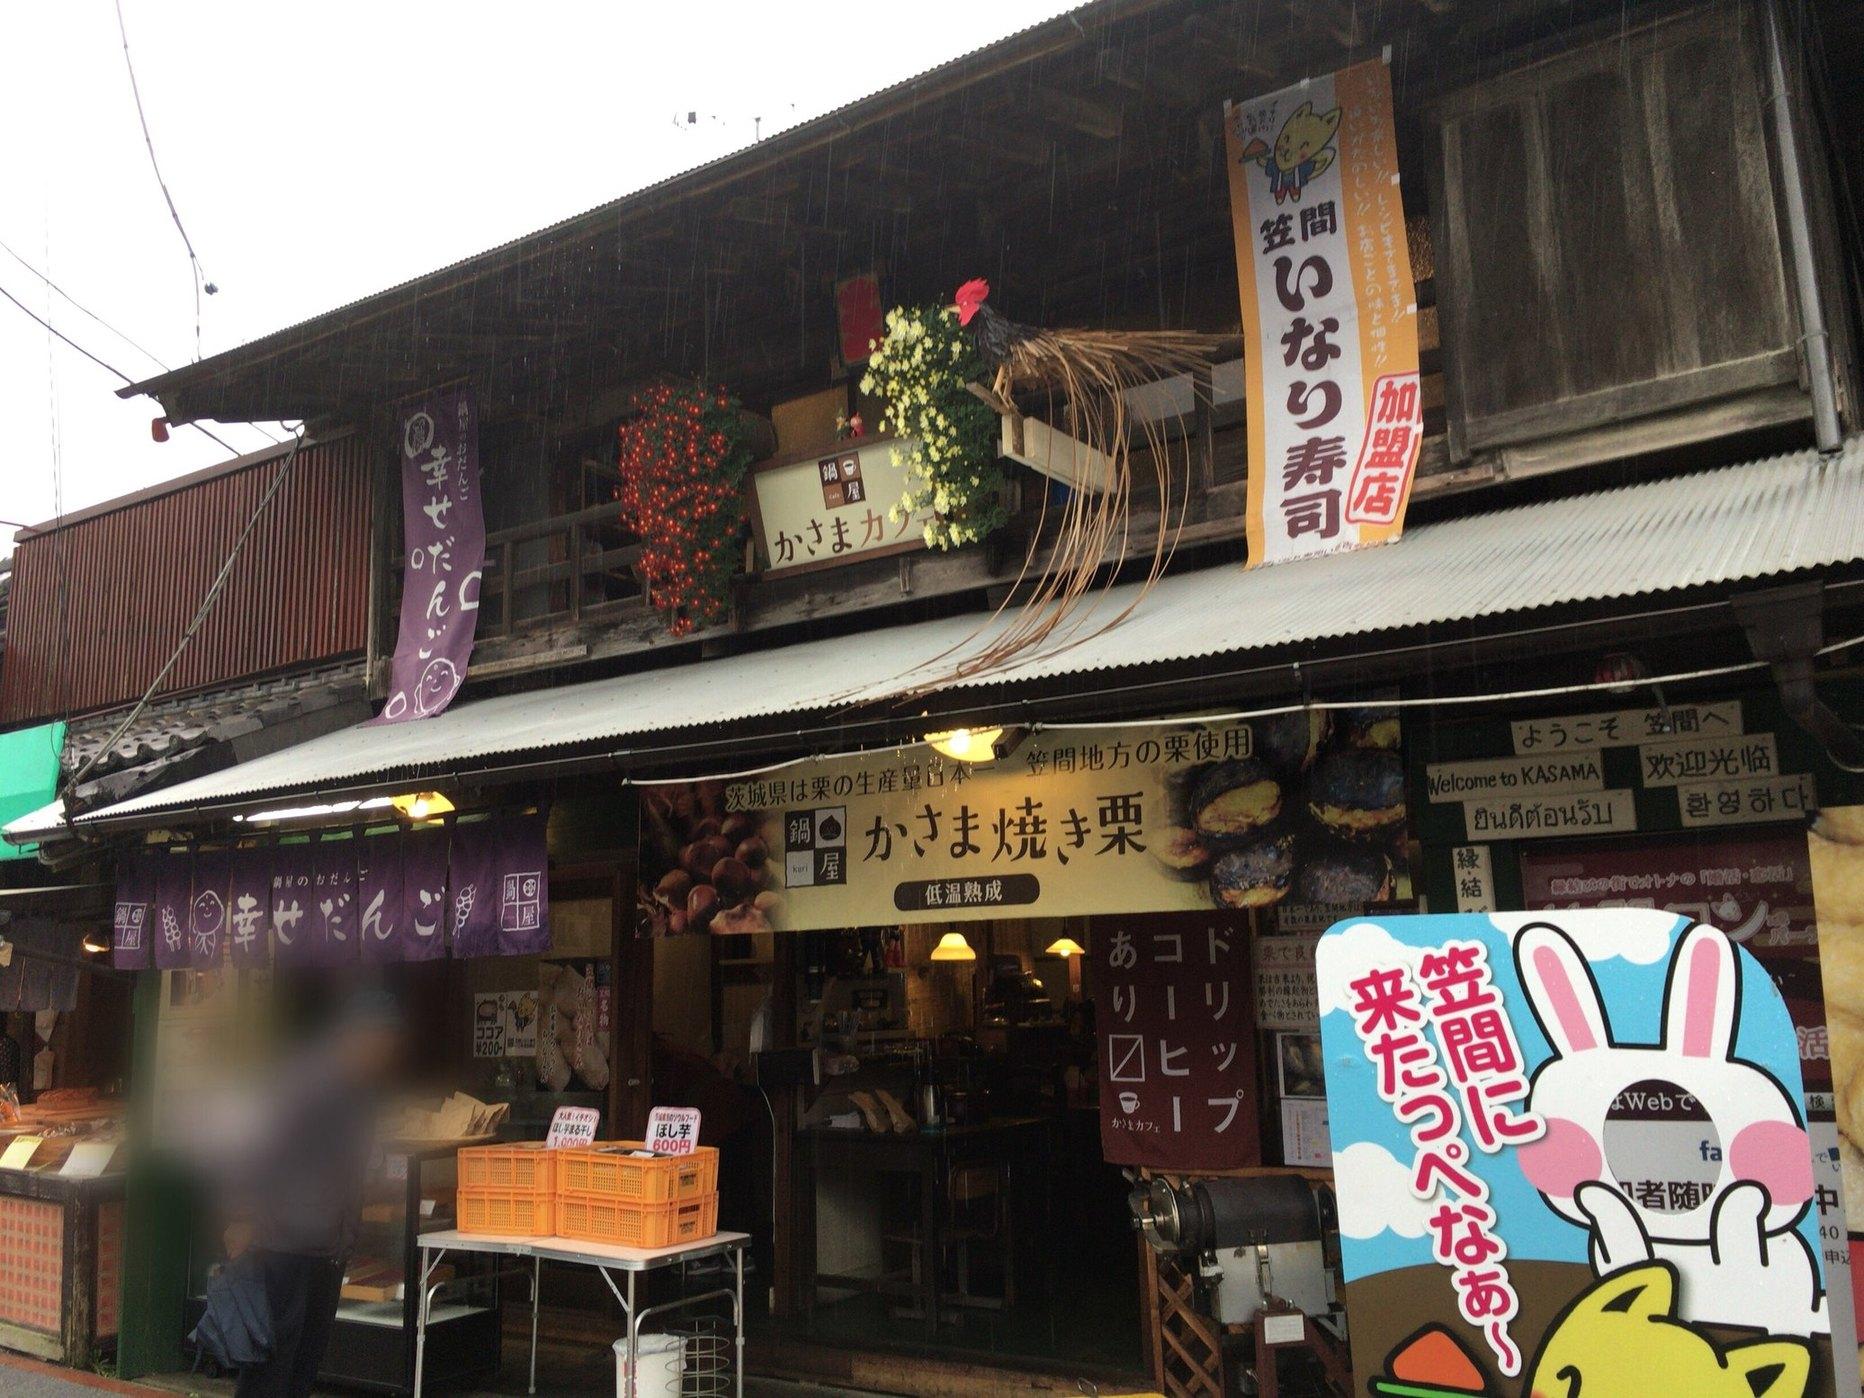 かさまカフェ name=